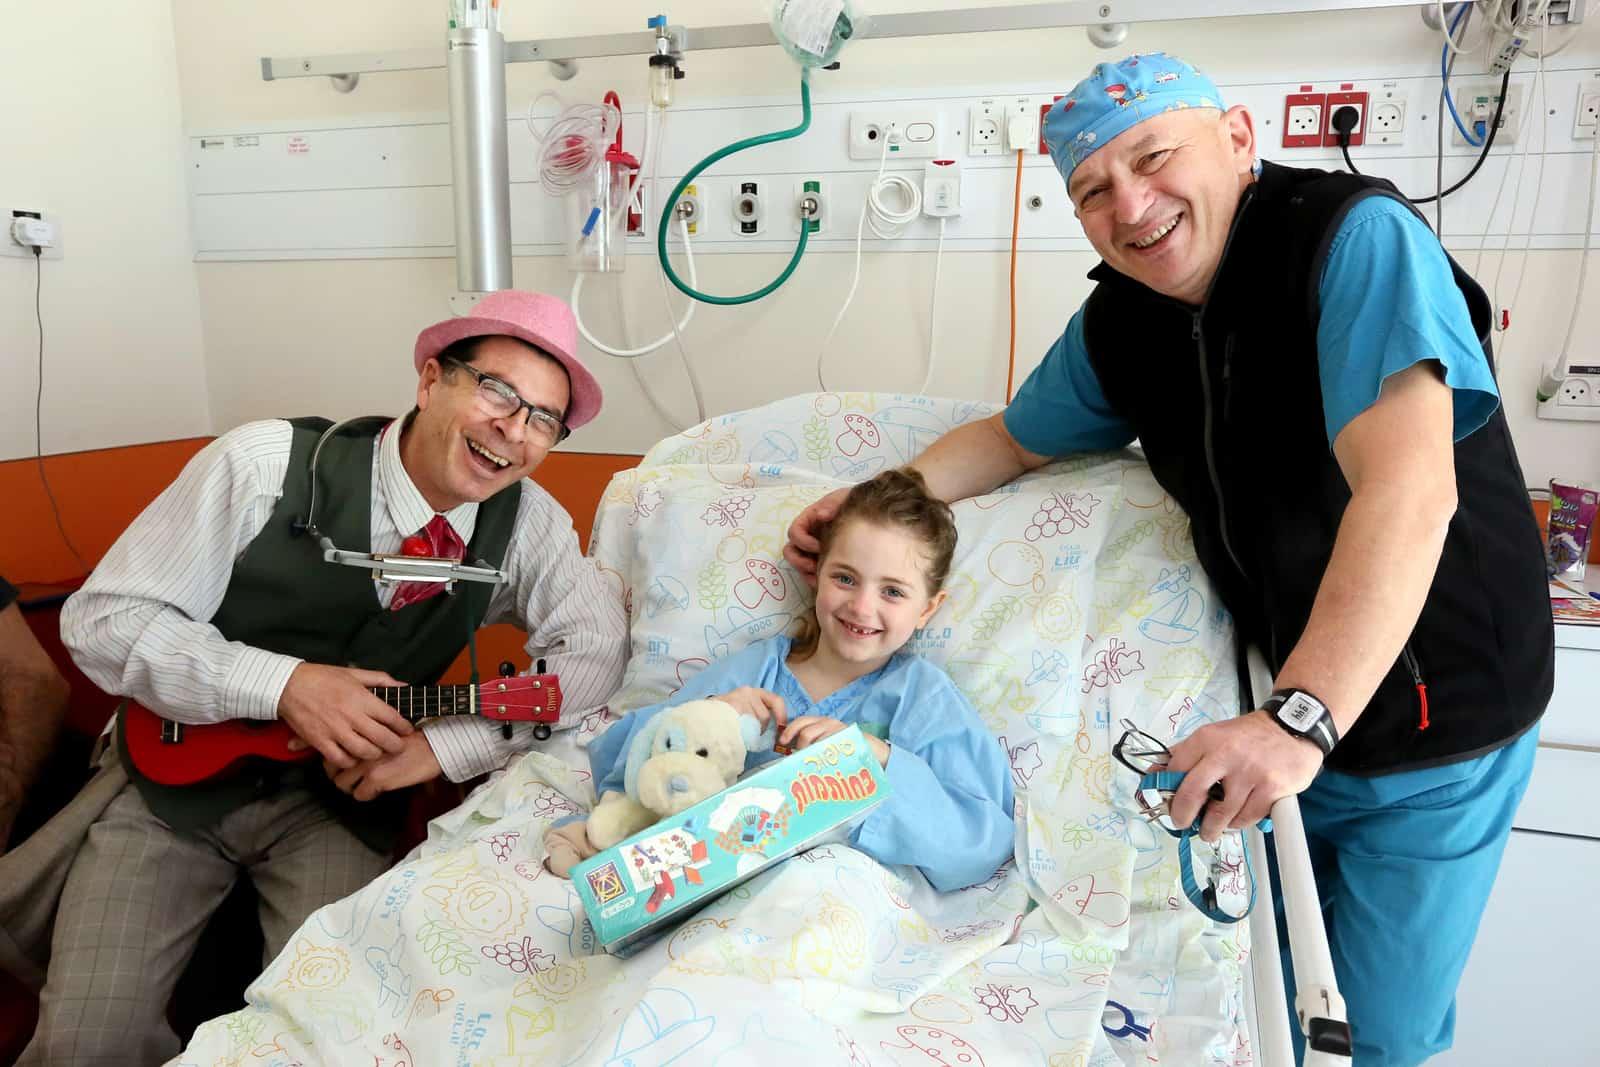 """רמב""""ם: ילדה מאנגליה עברה ניתוח להארכת גפיים במימון של גיוס המונים"""